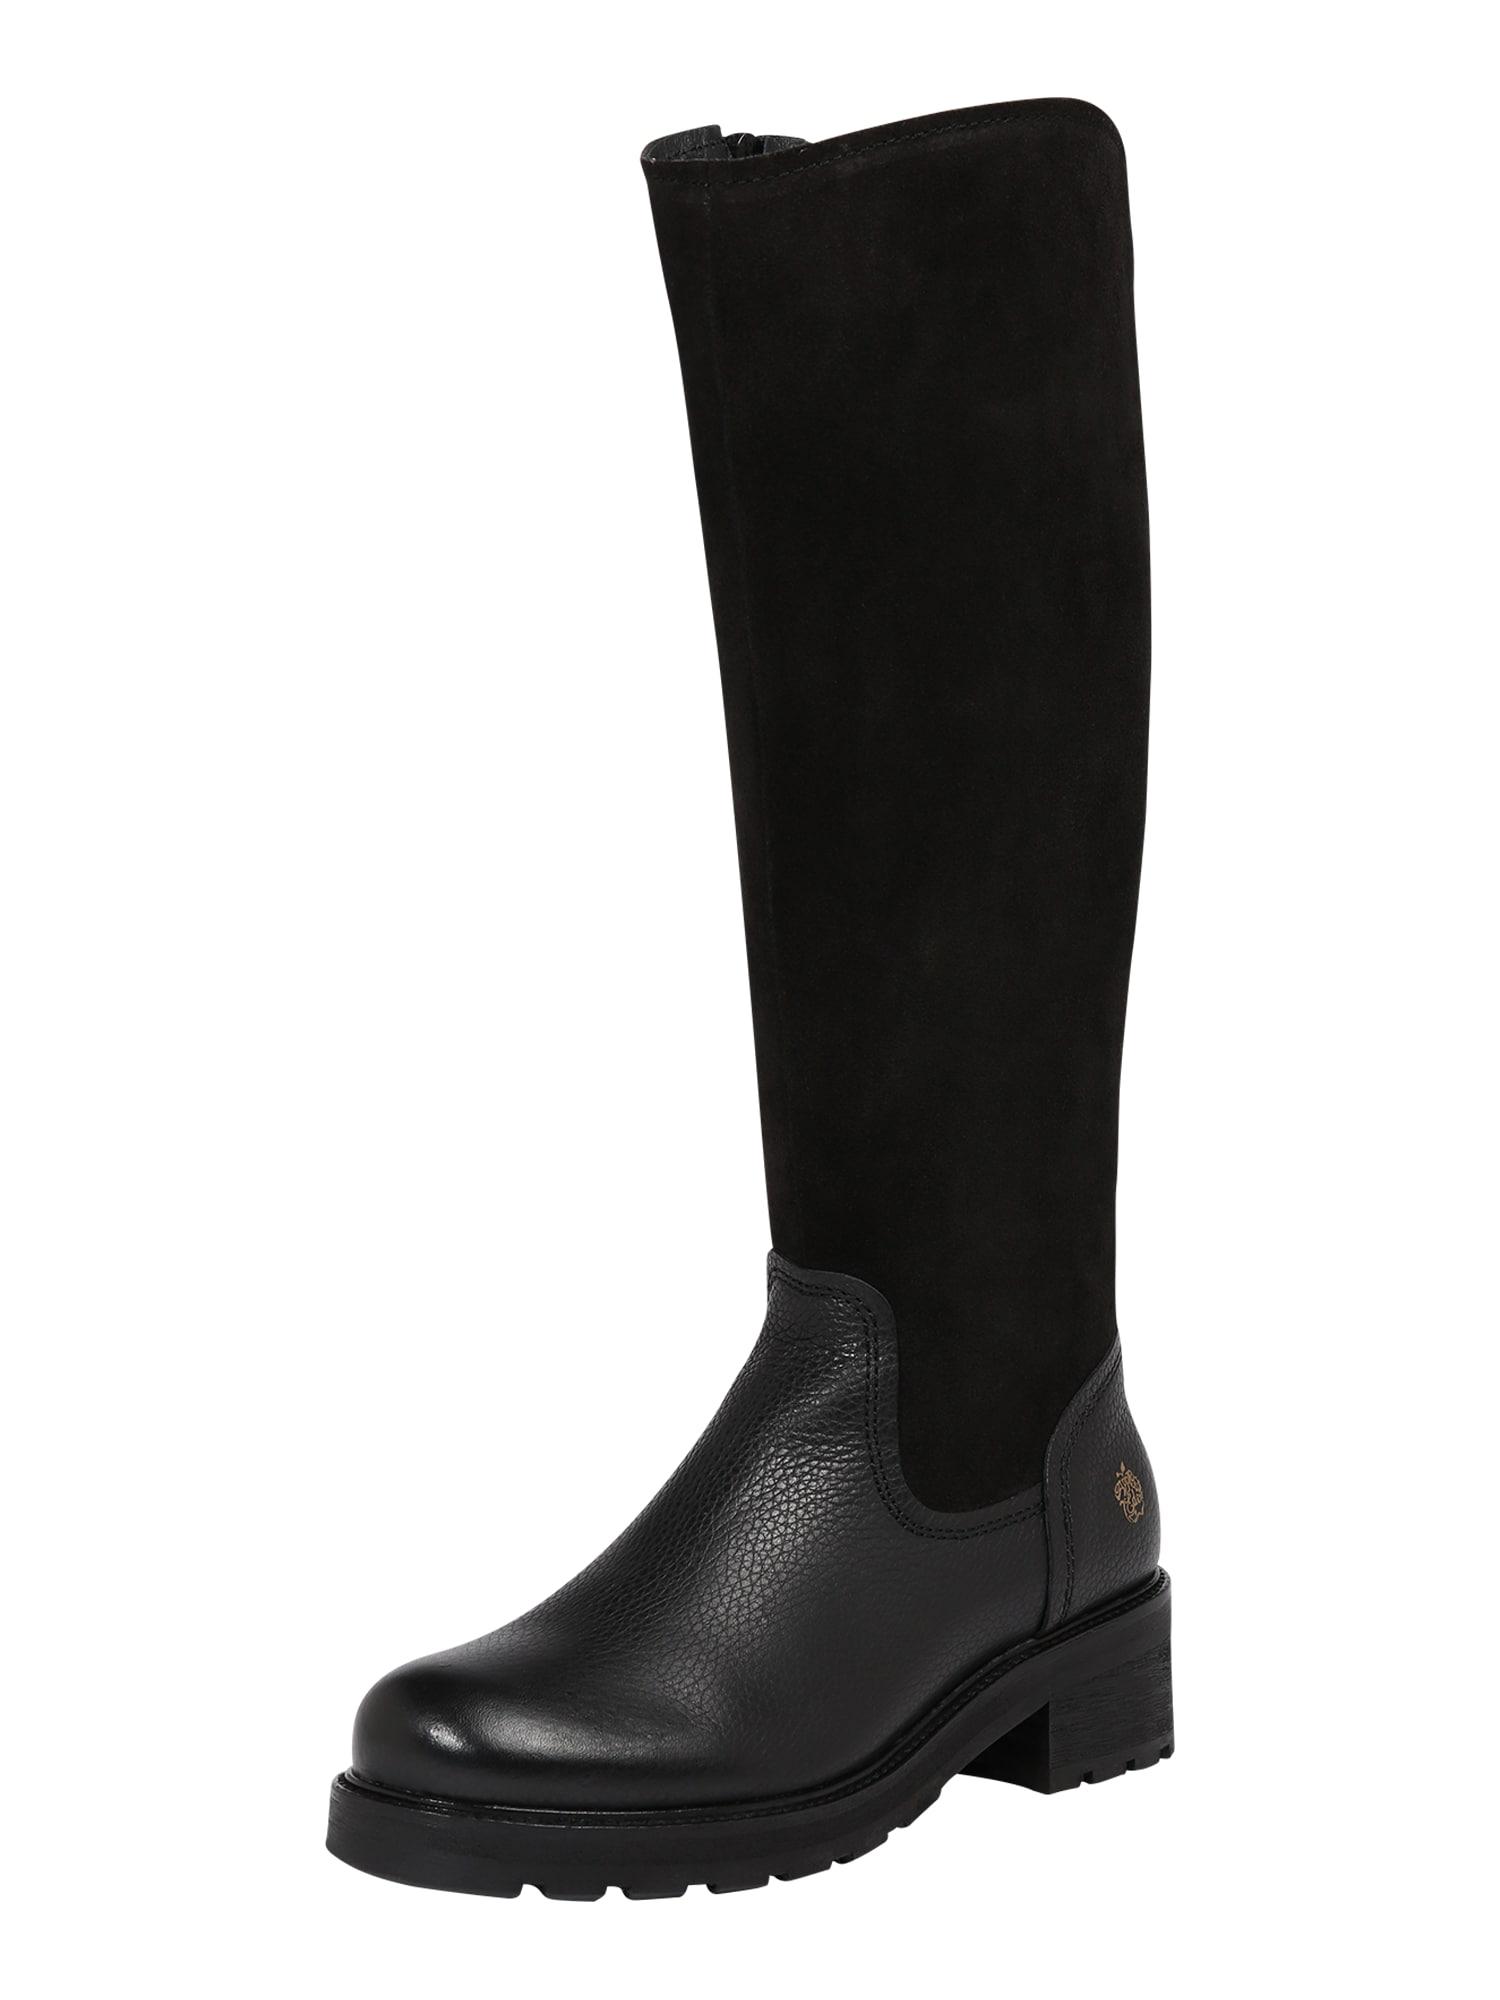 Apple of Eden Auliniai batai su kulniuku 'Aw19-Ivy' juoda